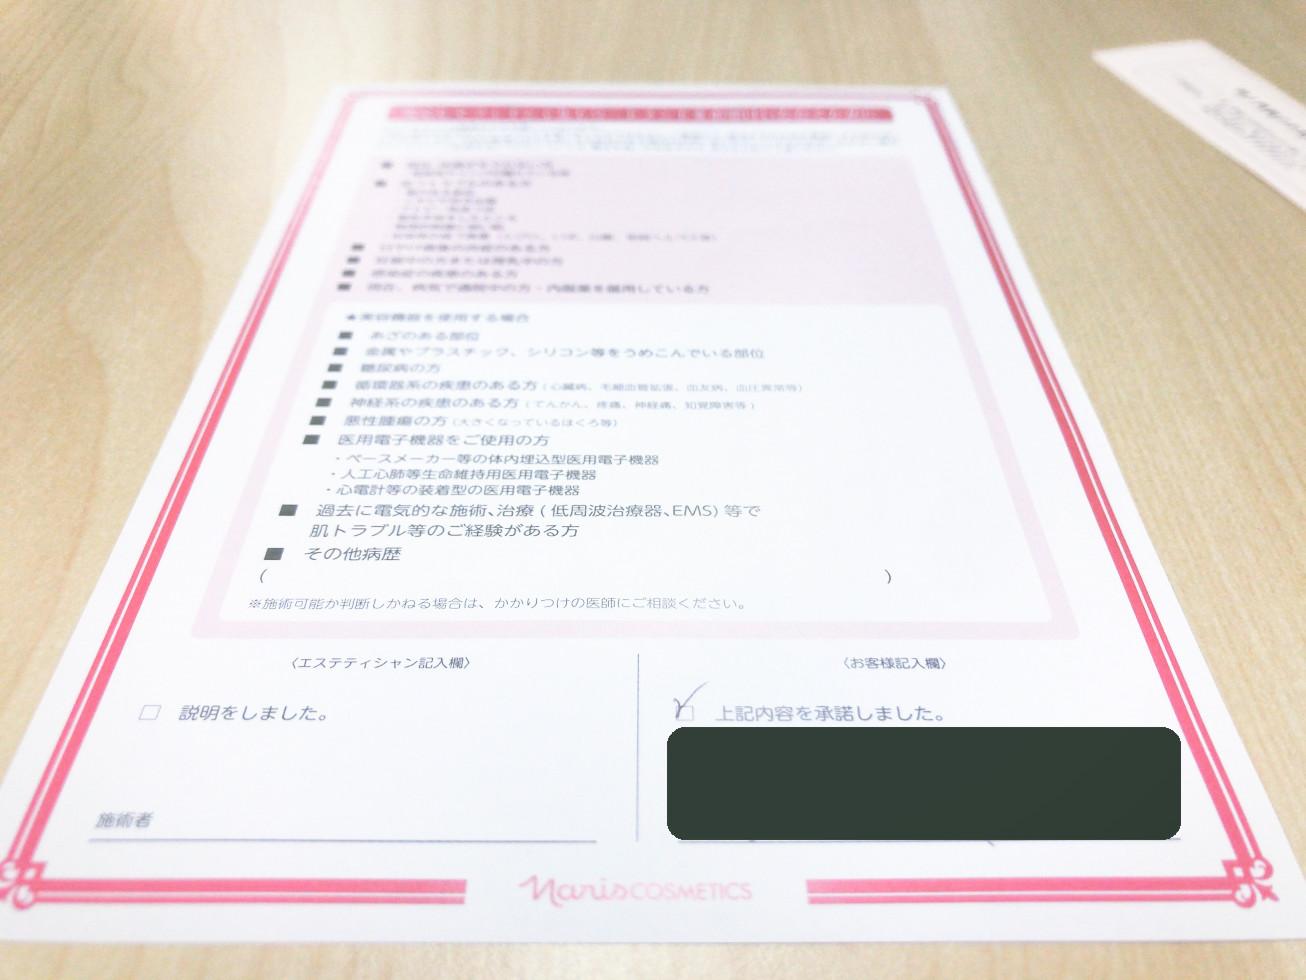 セルフエステデアイム横浜店初回体験